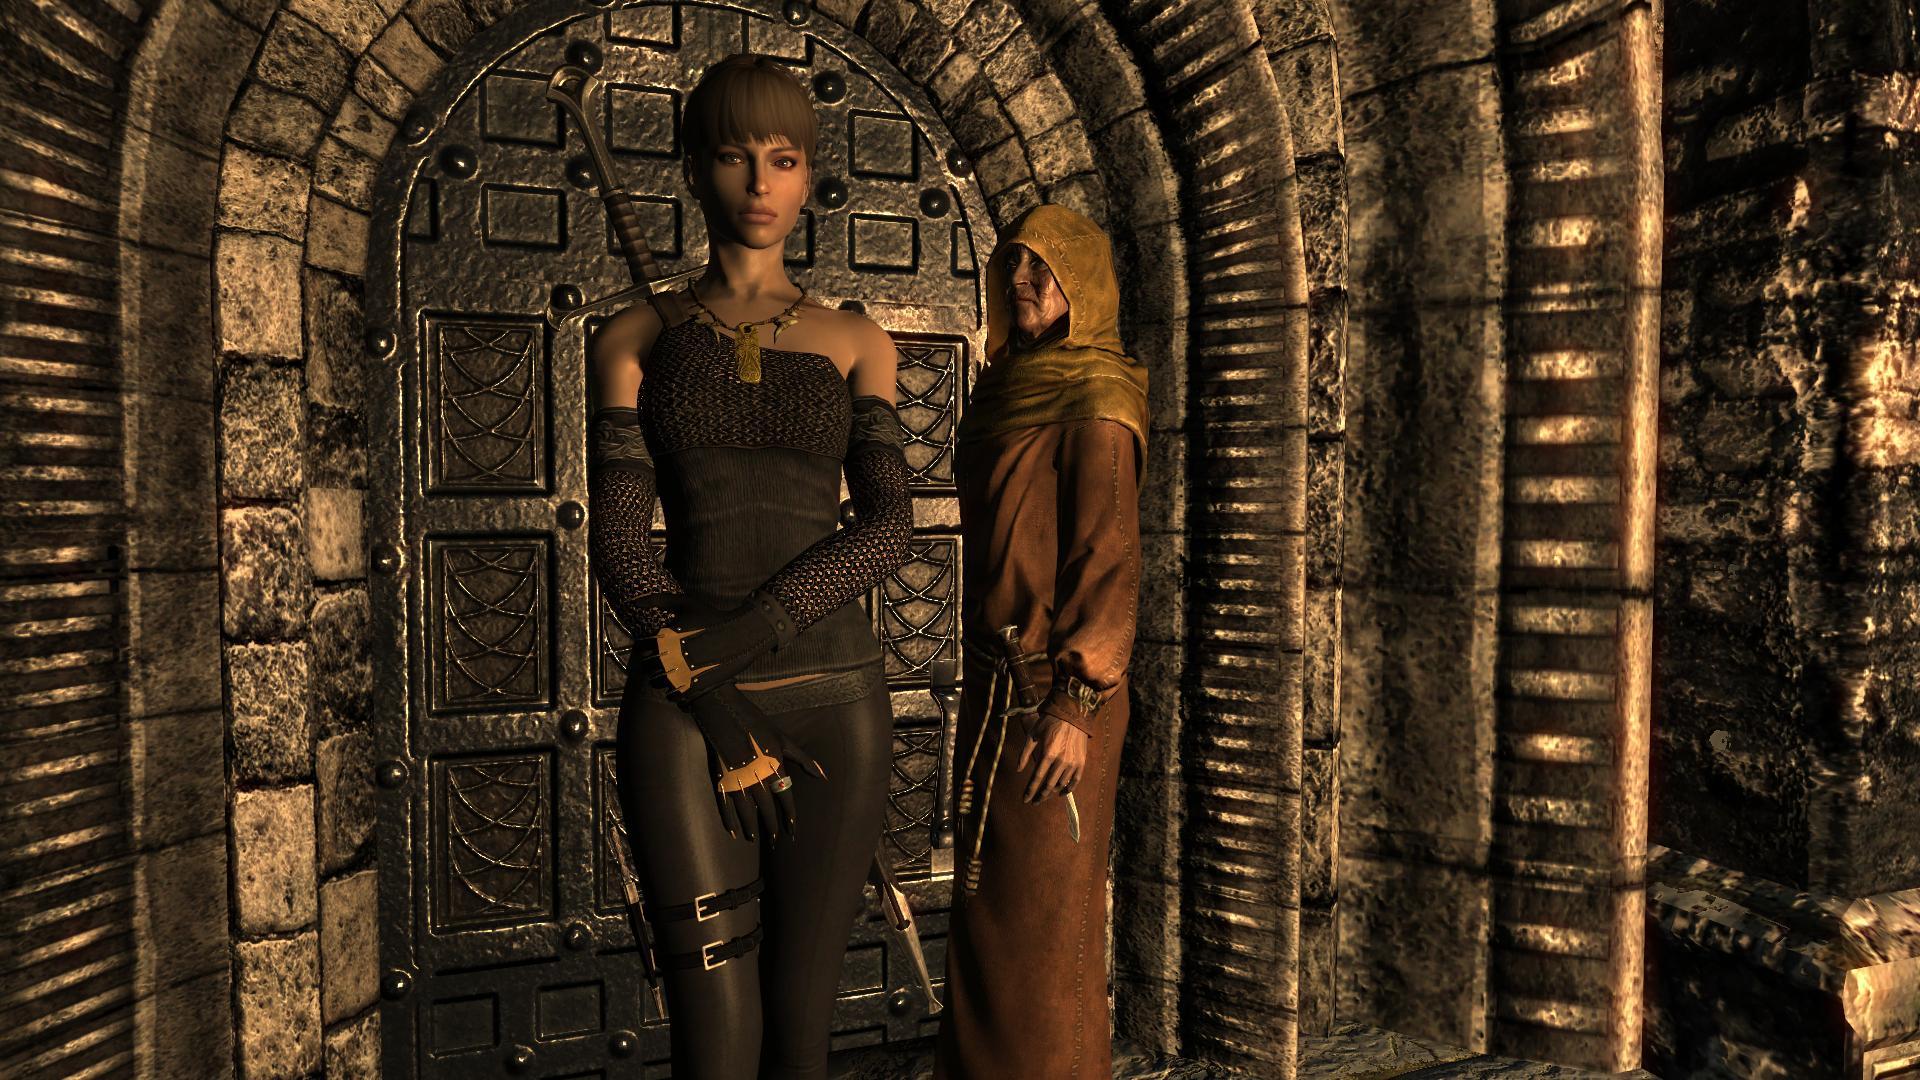 TESV_original 2018-06-13 22-08-49-33.jpg - Elder Scrolls 5: Skyrim, the